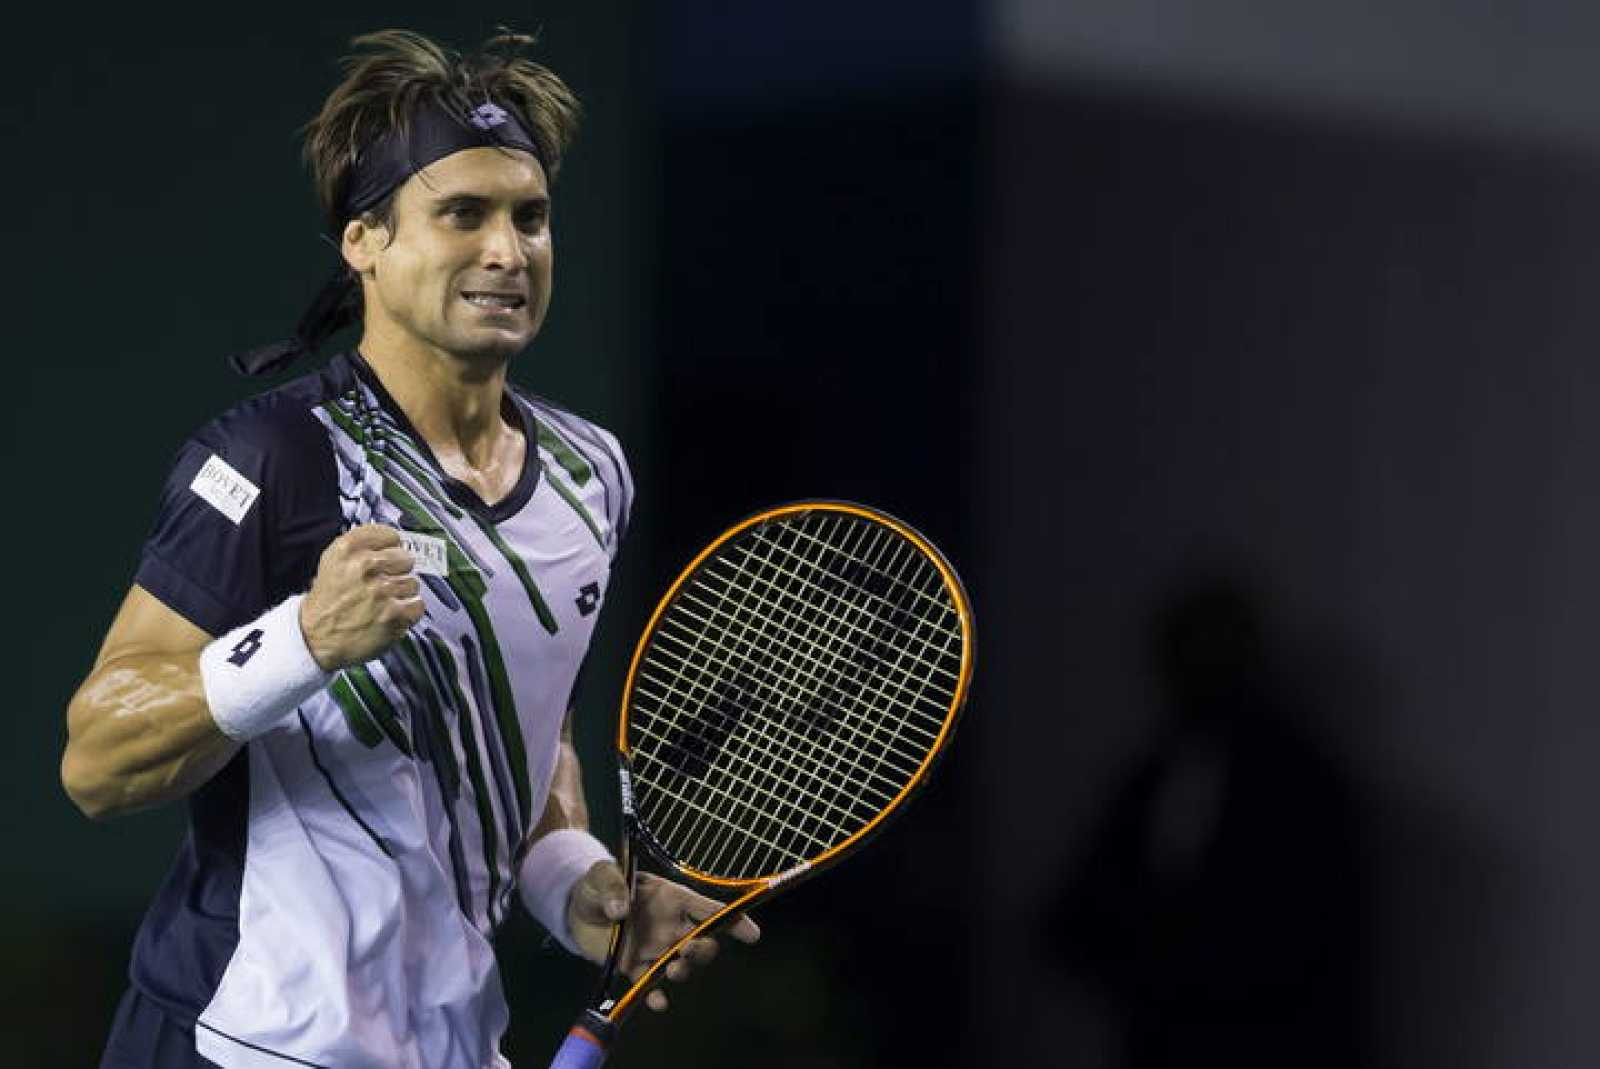 El tenista español David Ferrer